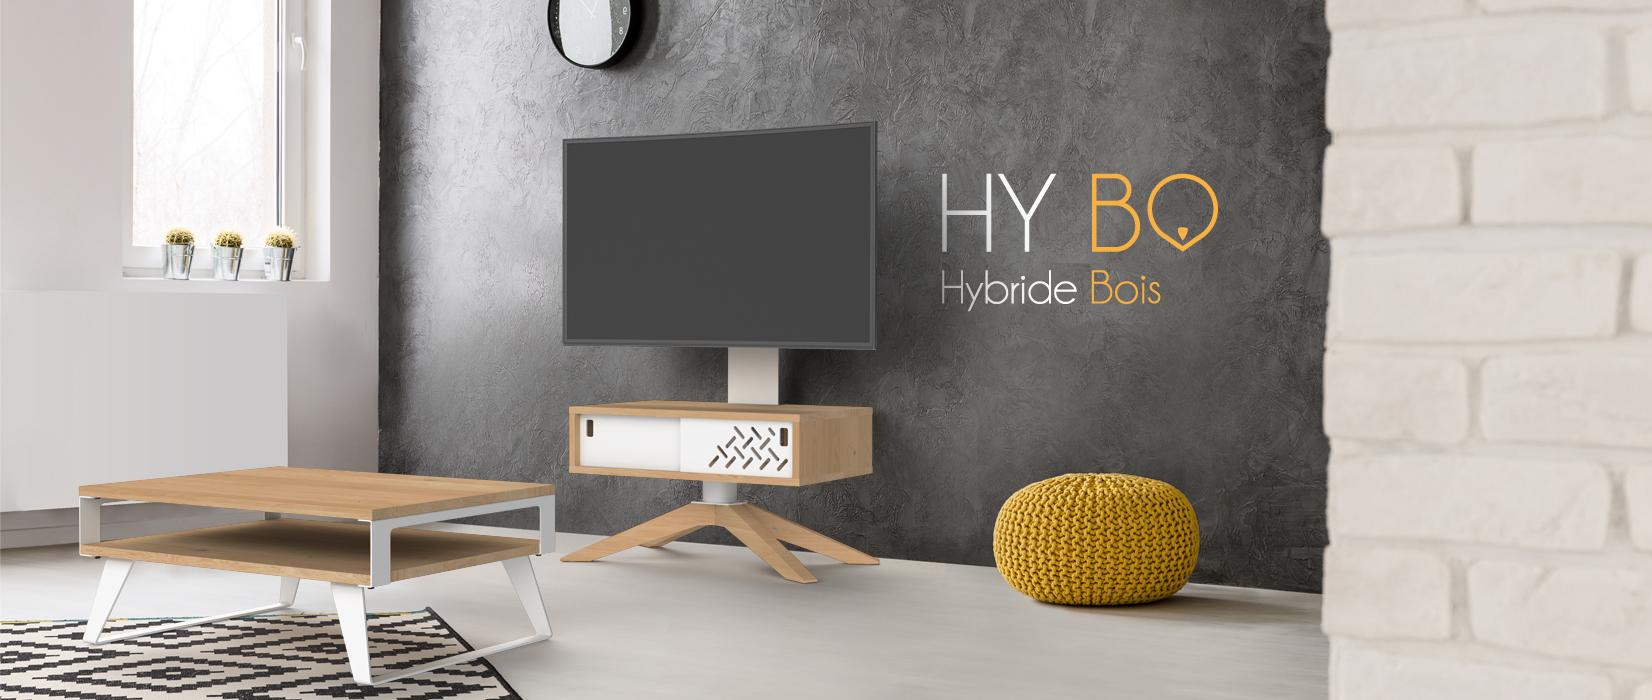 Ensemble Hybo 72cm et table basse en chêne dans un salon moderne.